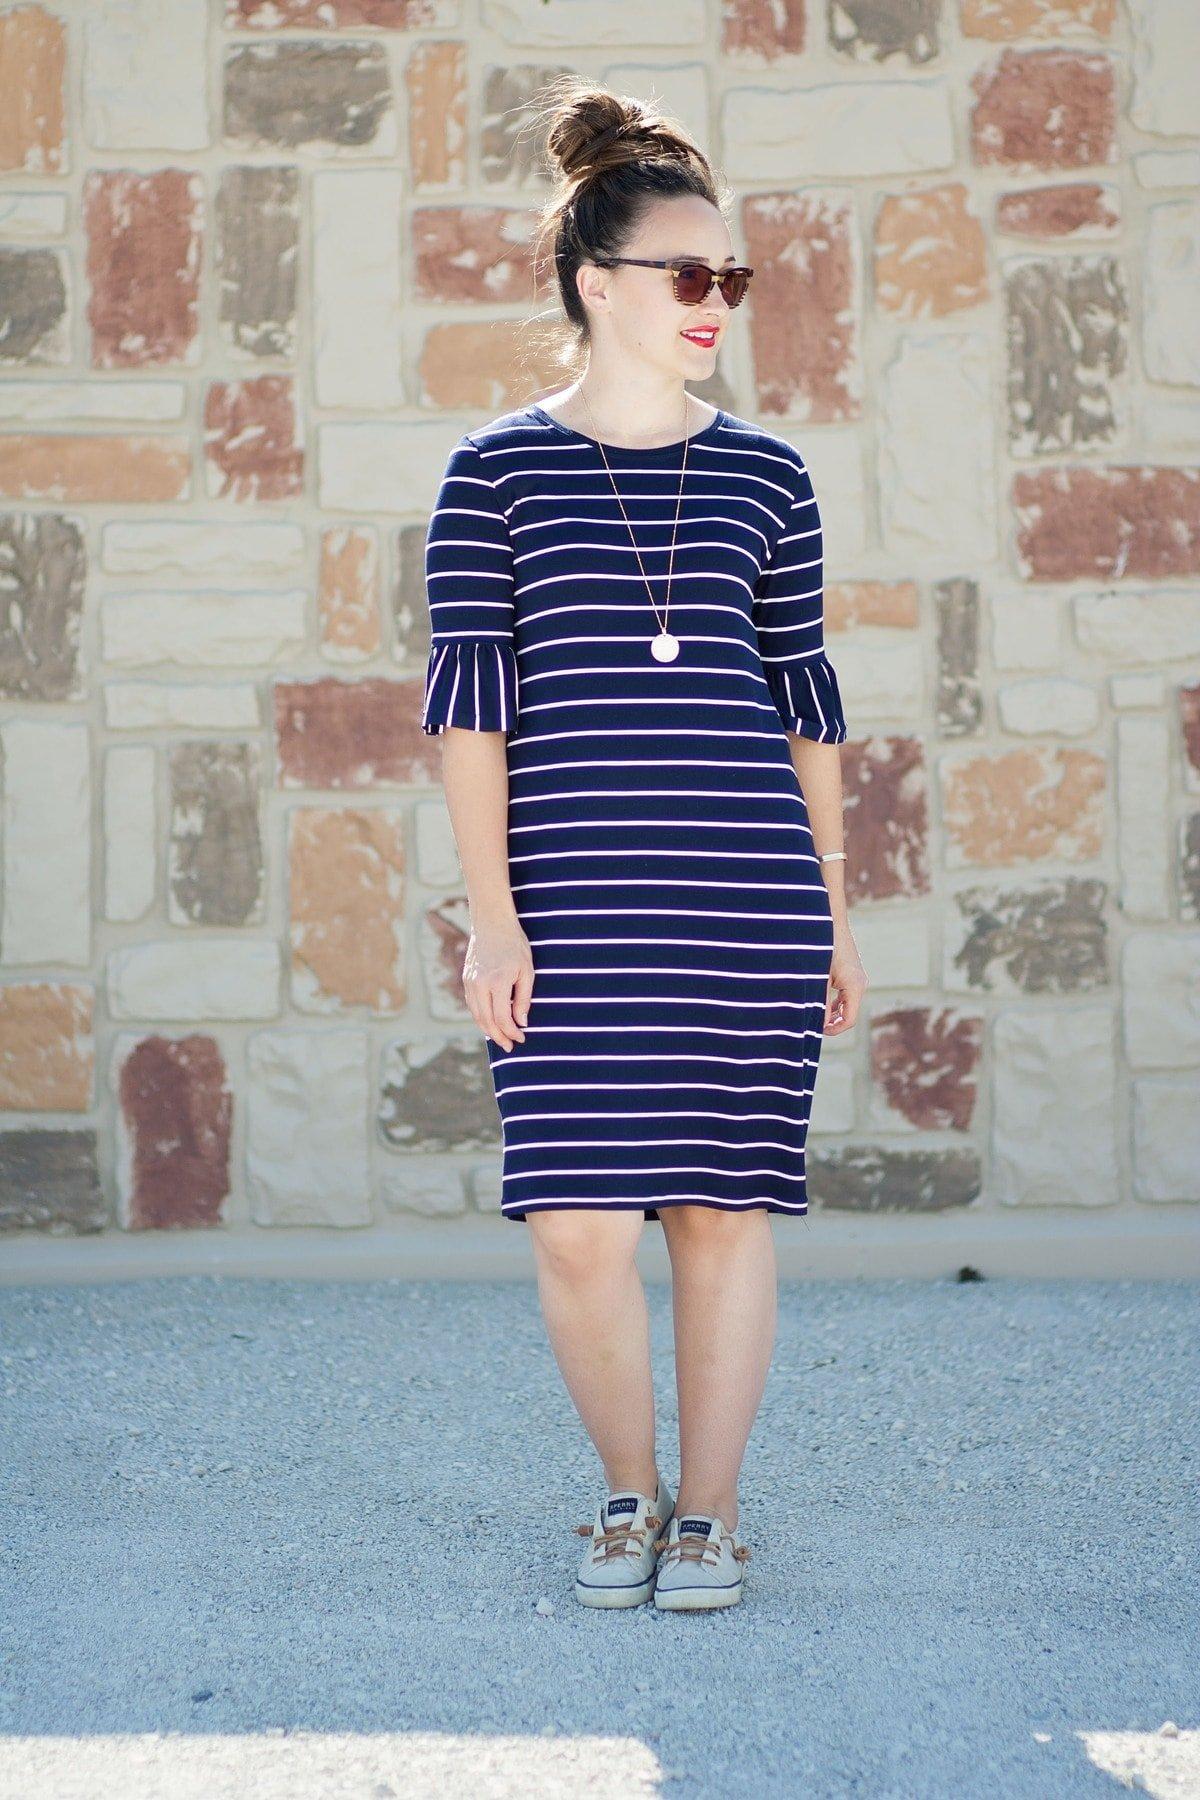 Panama Tee Dress Sewing Pattern Blue and White Striped Knit Dress